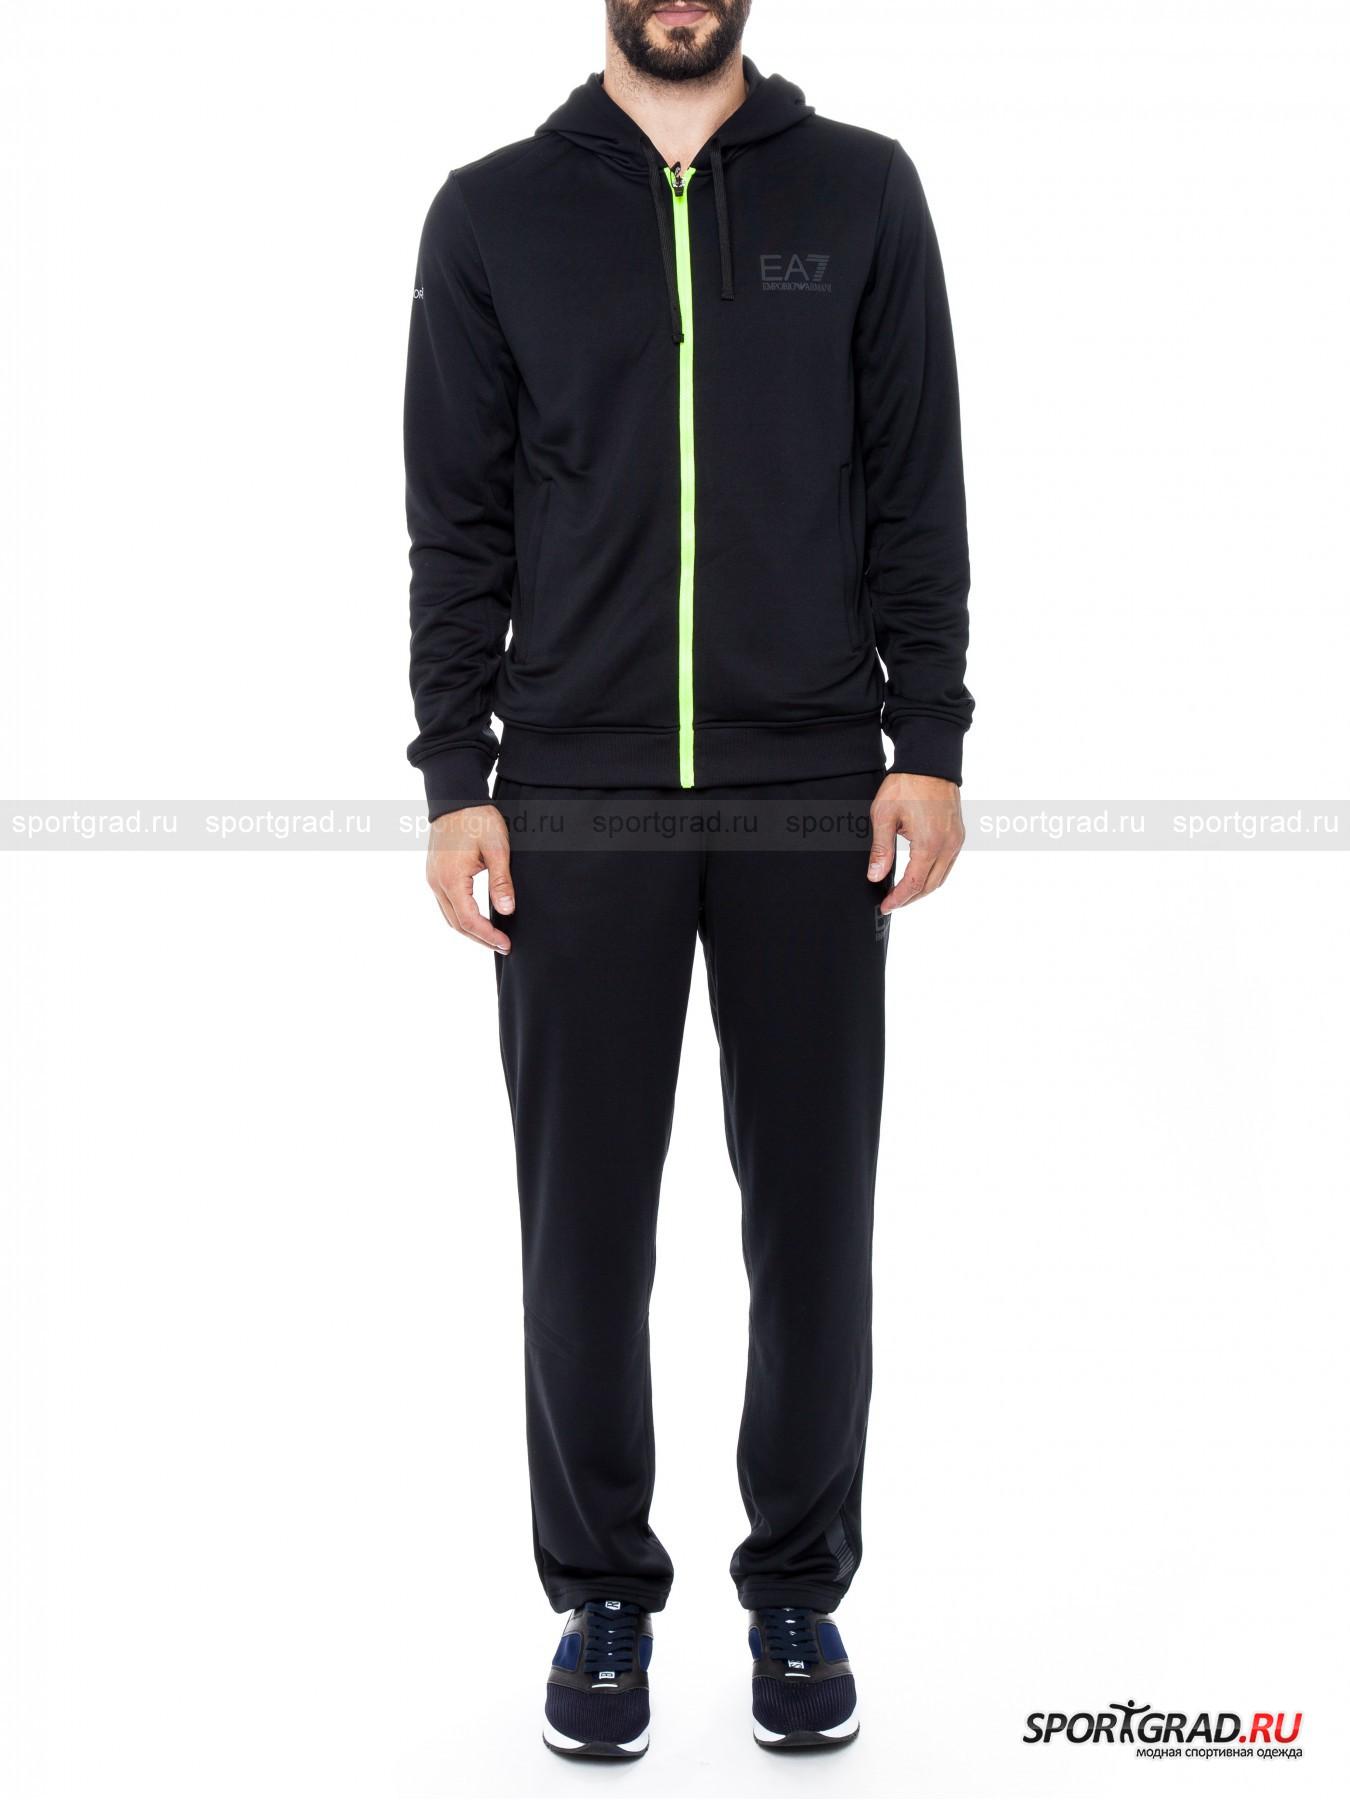 ��������� ������� Vigor 7 Hoodie Sweatshirt EA7 Emporio Armani